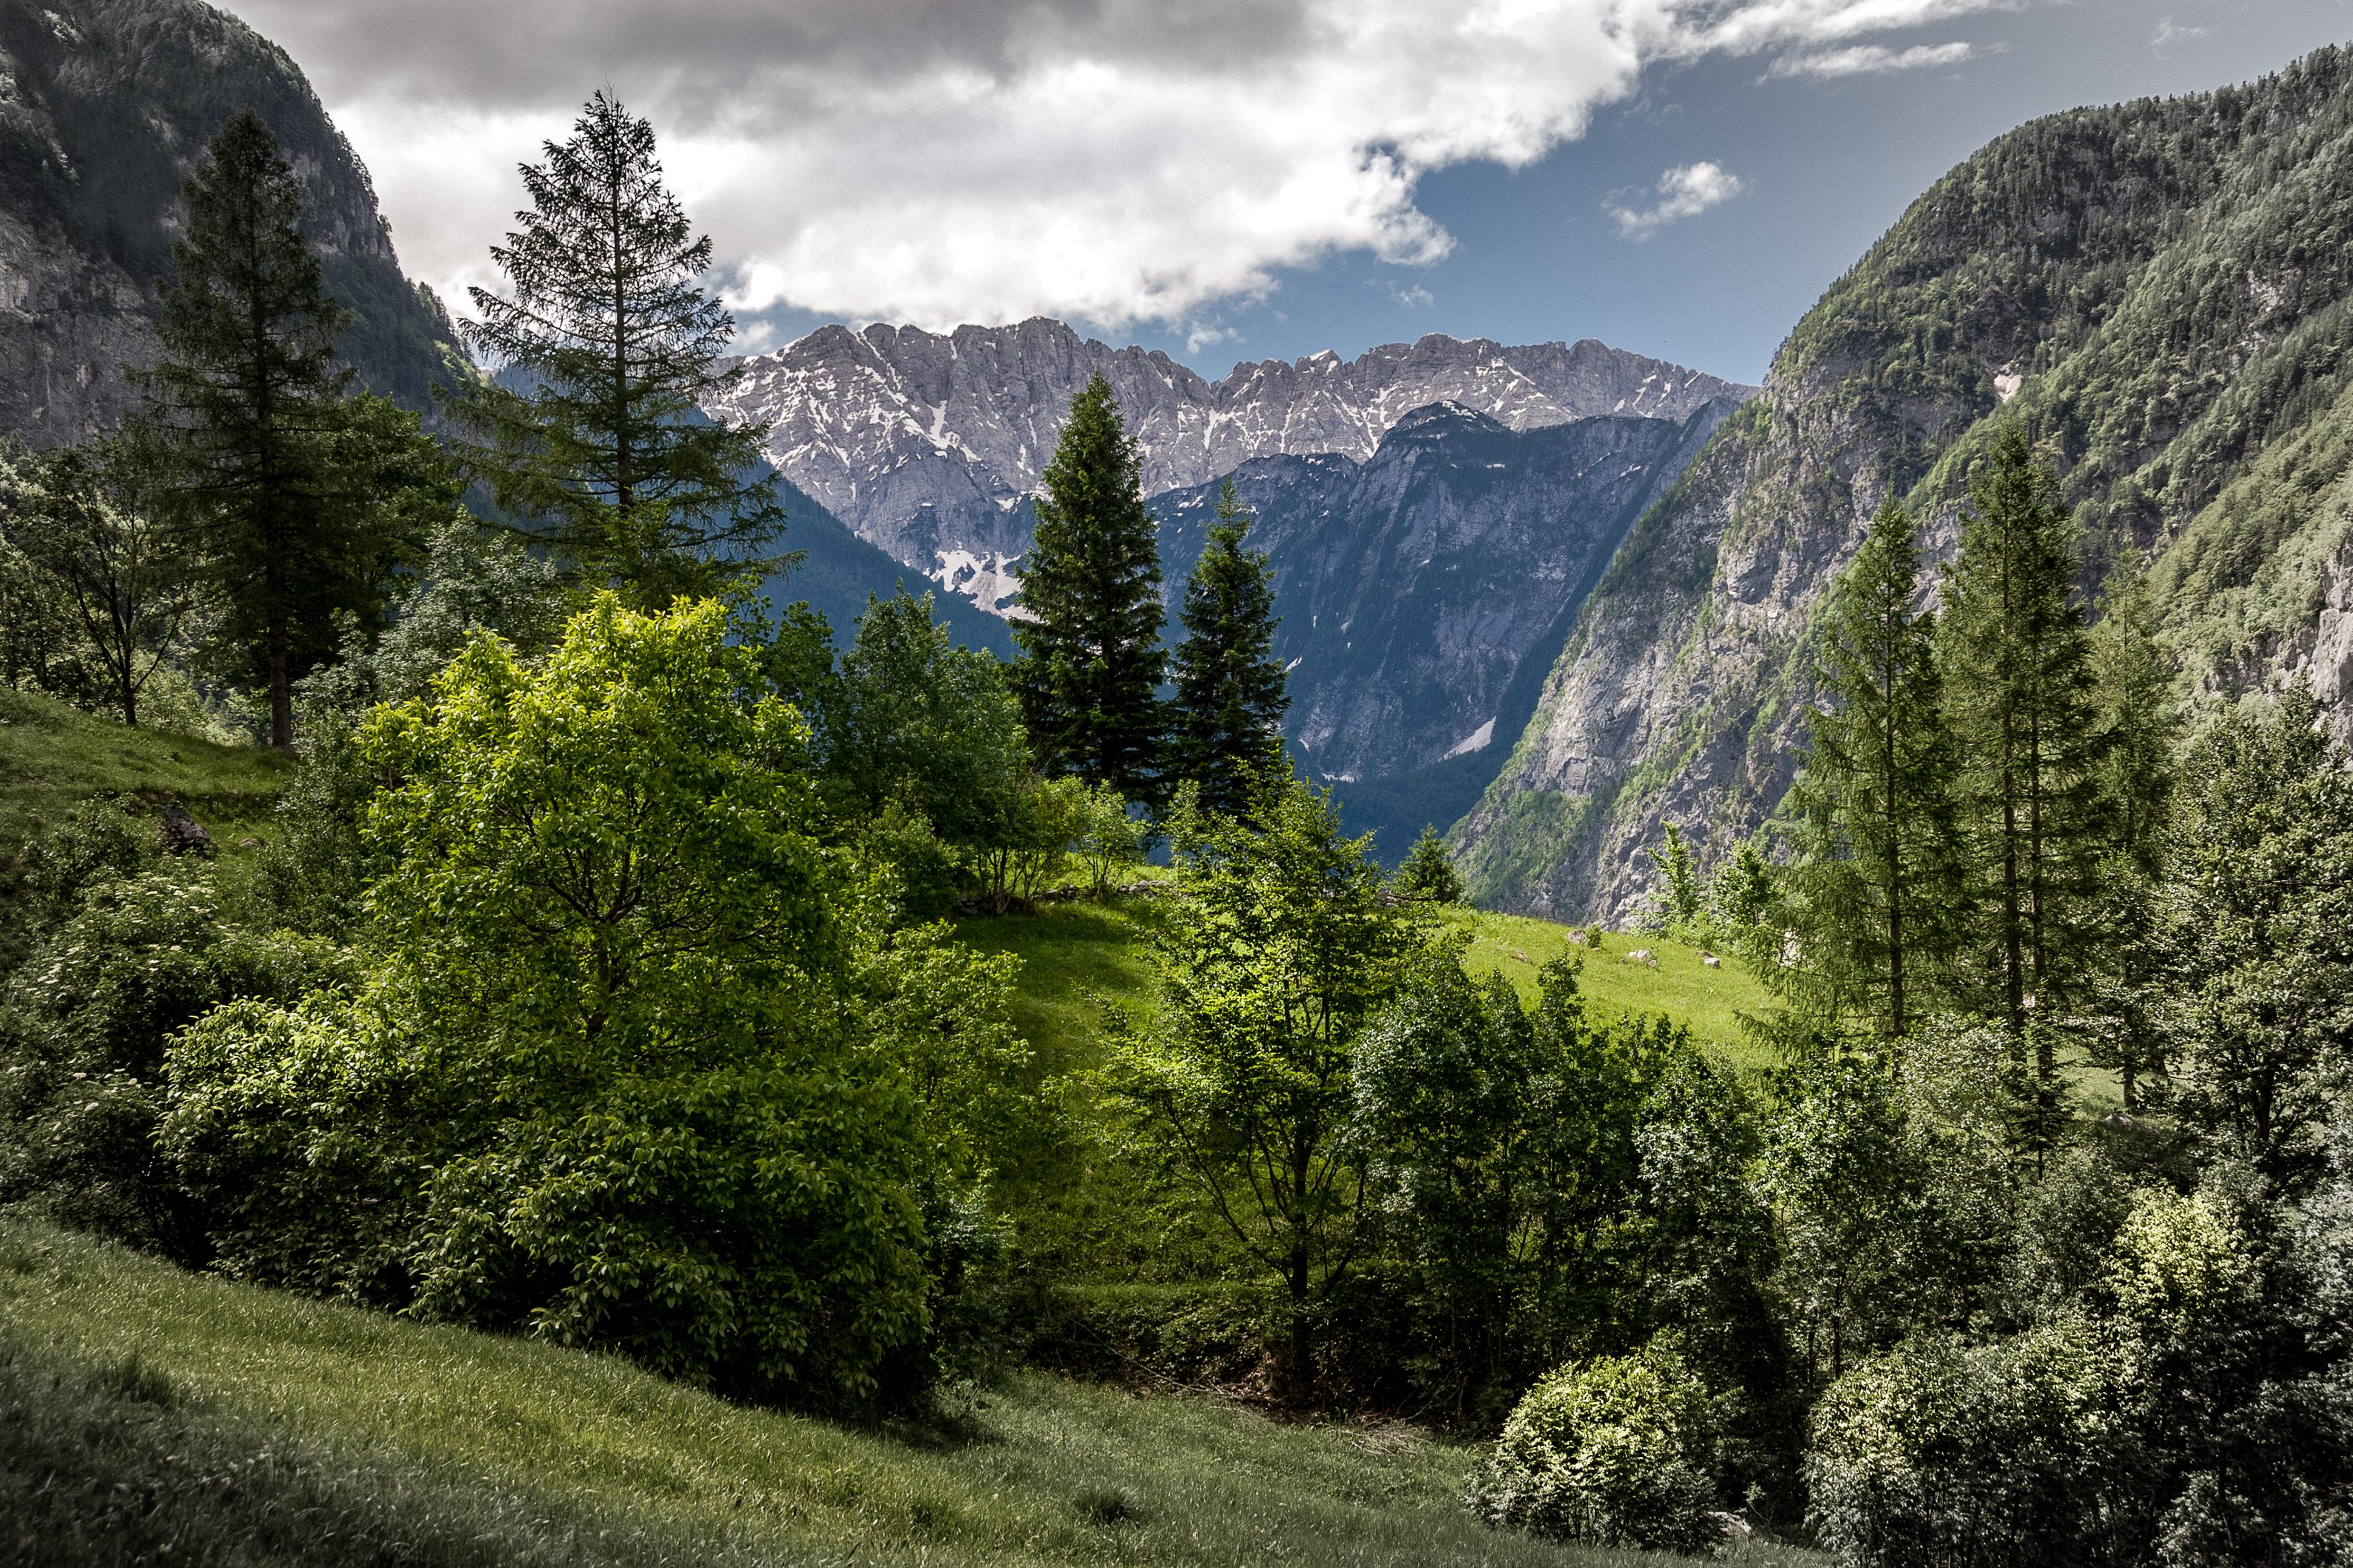 фото горная долина природа спальни чердаке